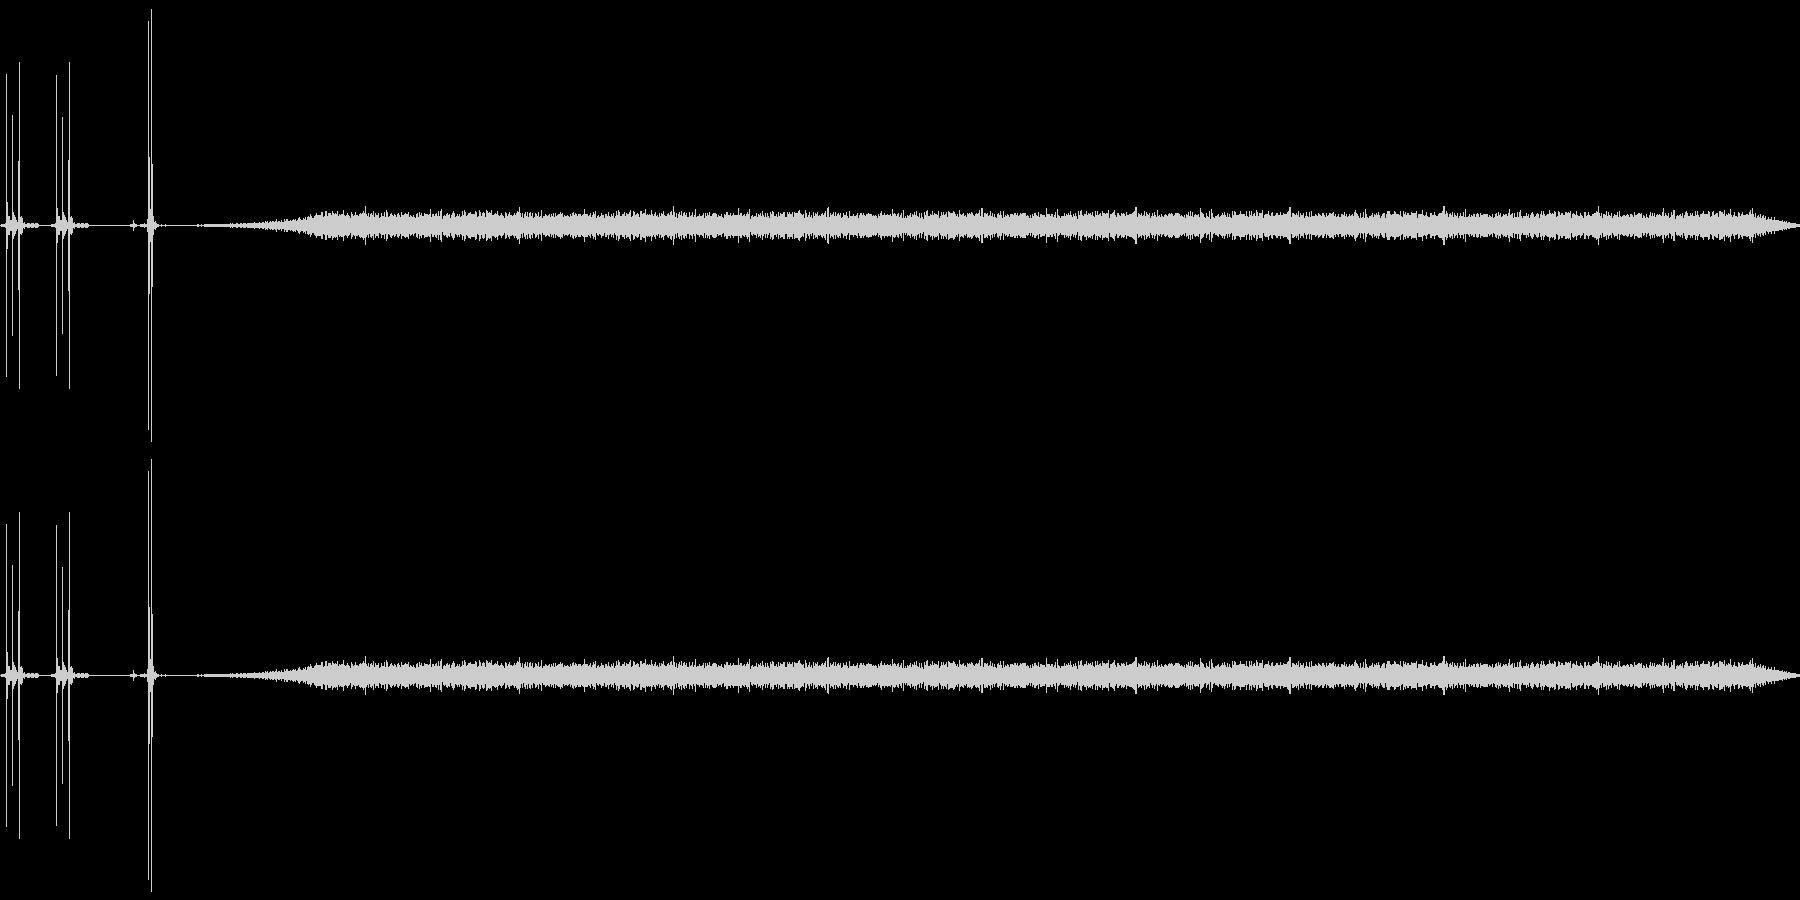 カチカチ(スイッチ)起動の機械音の未再生の波形